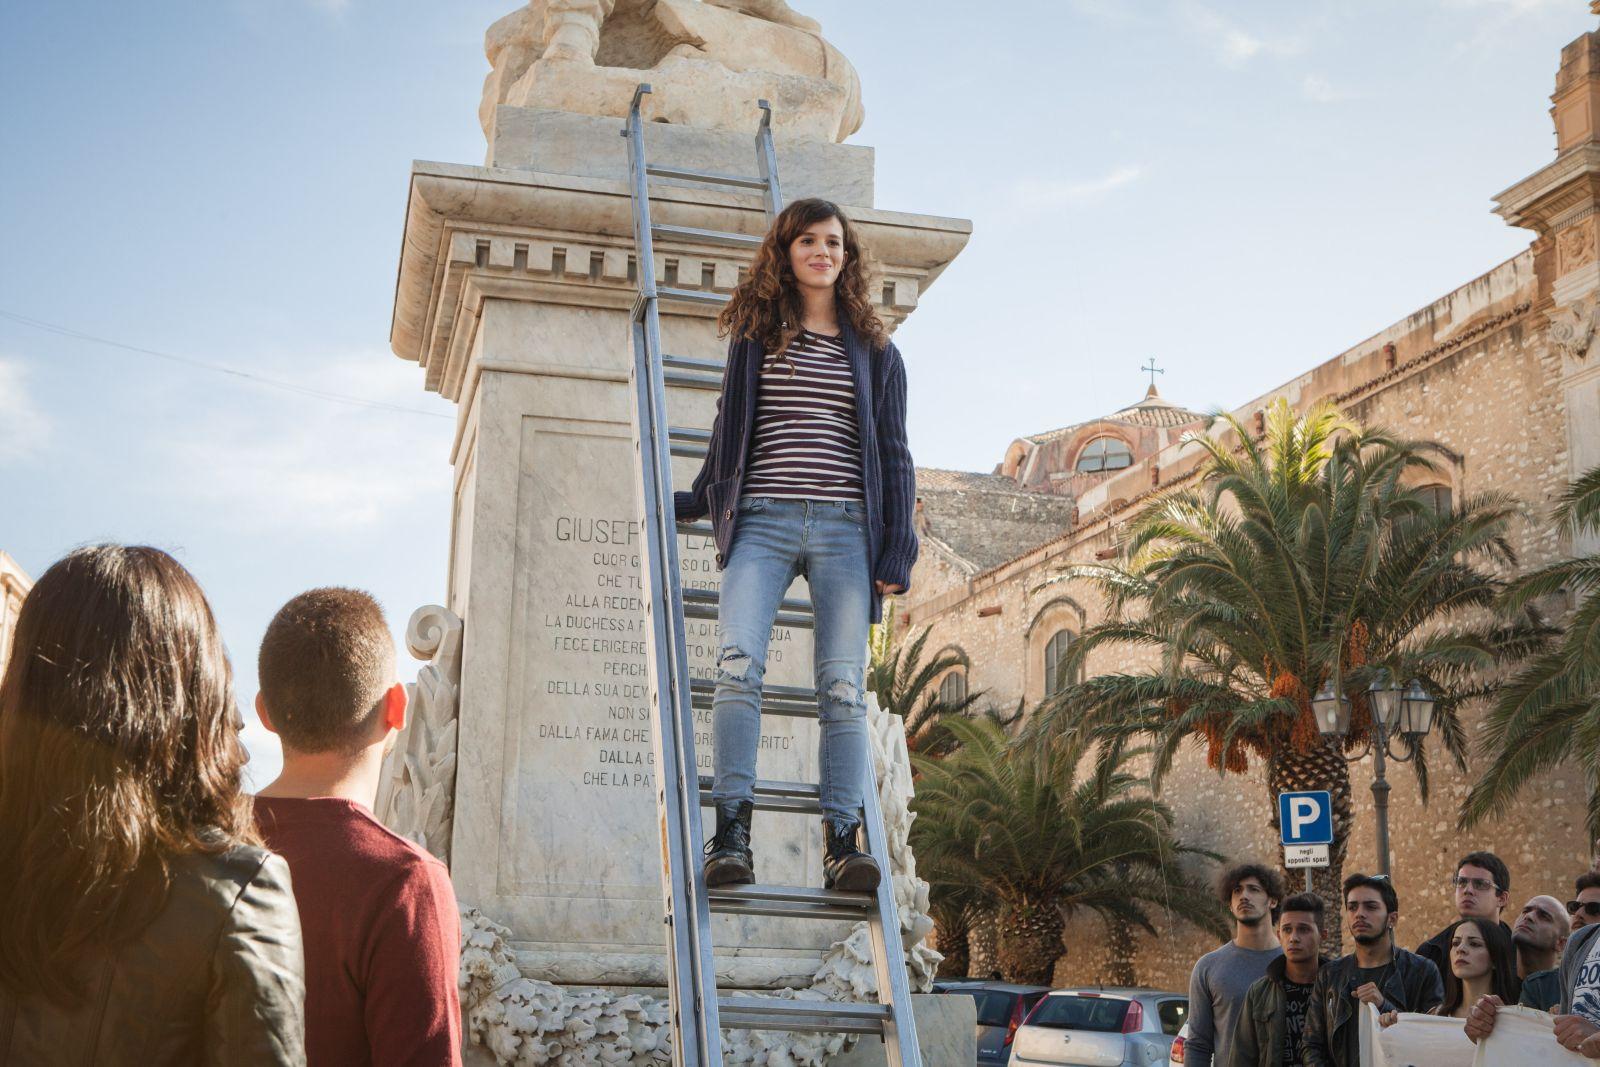 L'ora legale: Eleonora De Luca in una scena del film